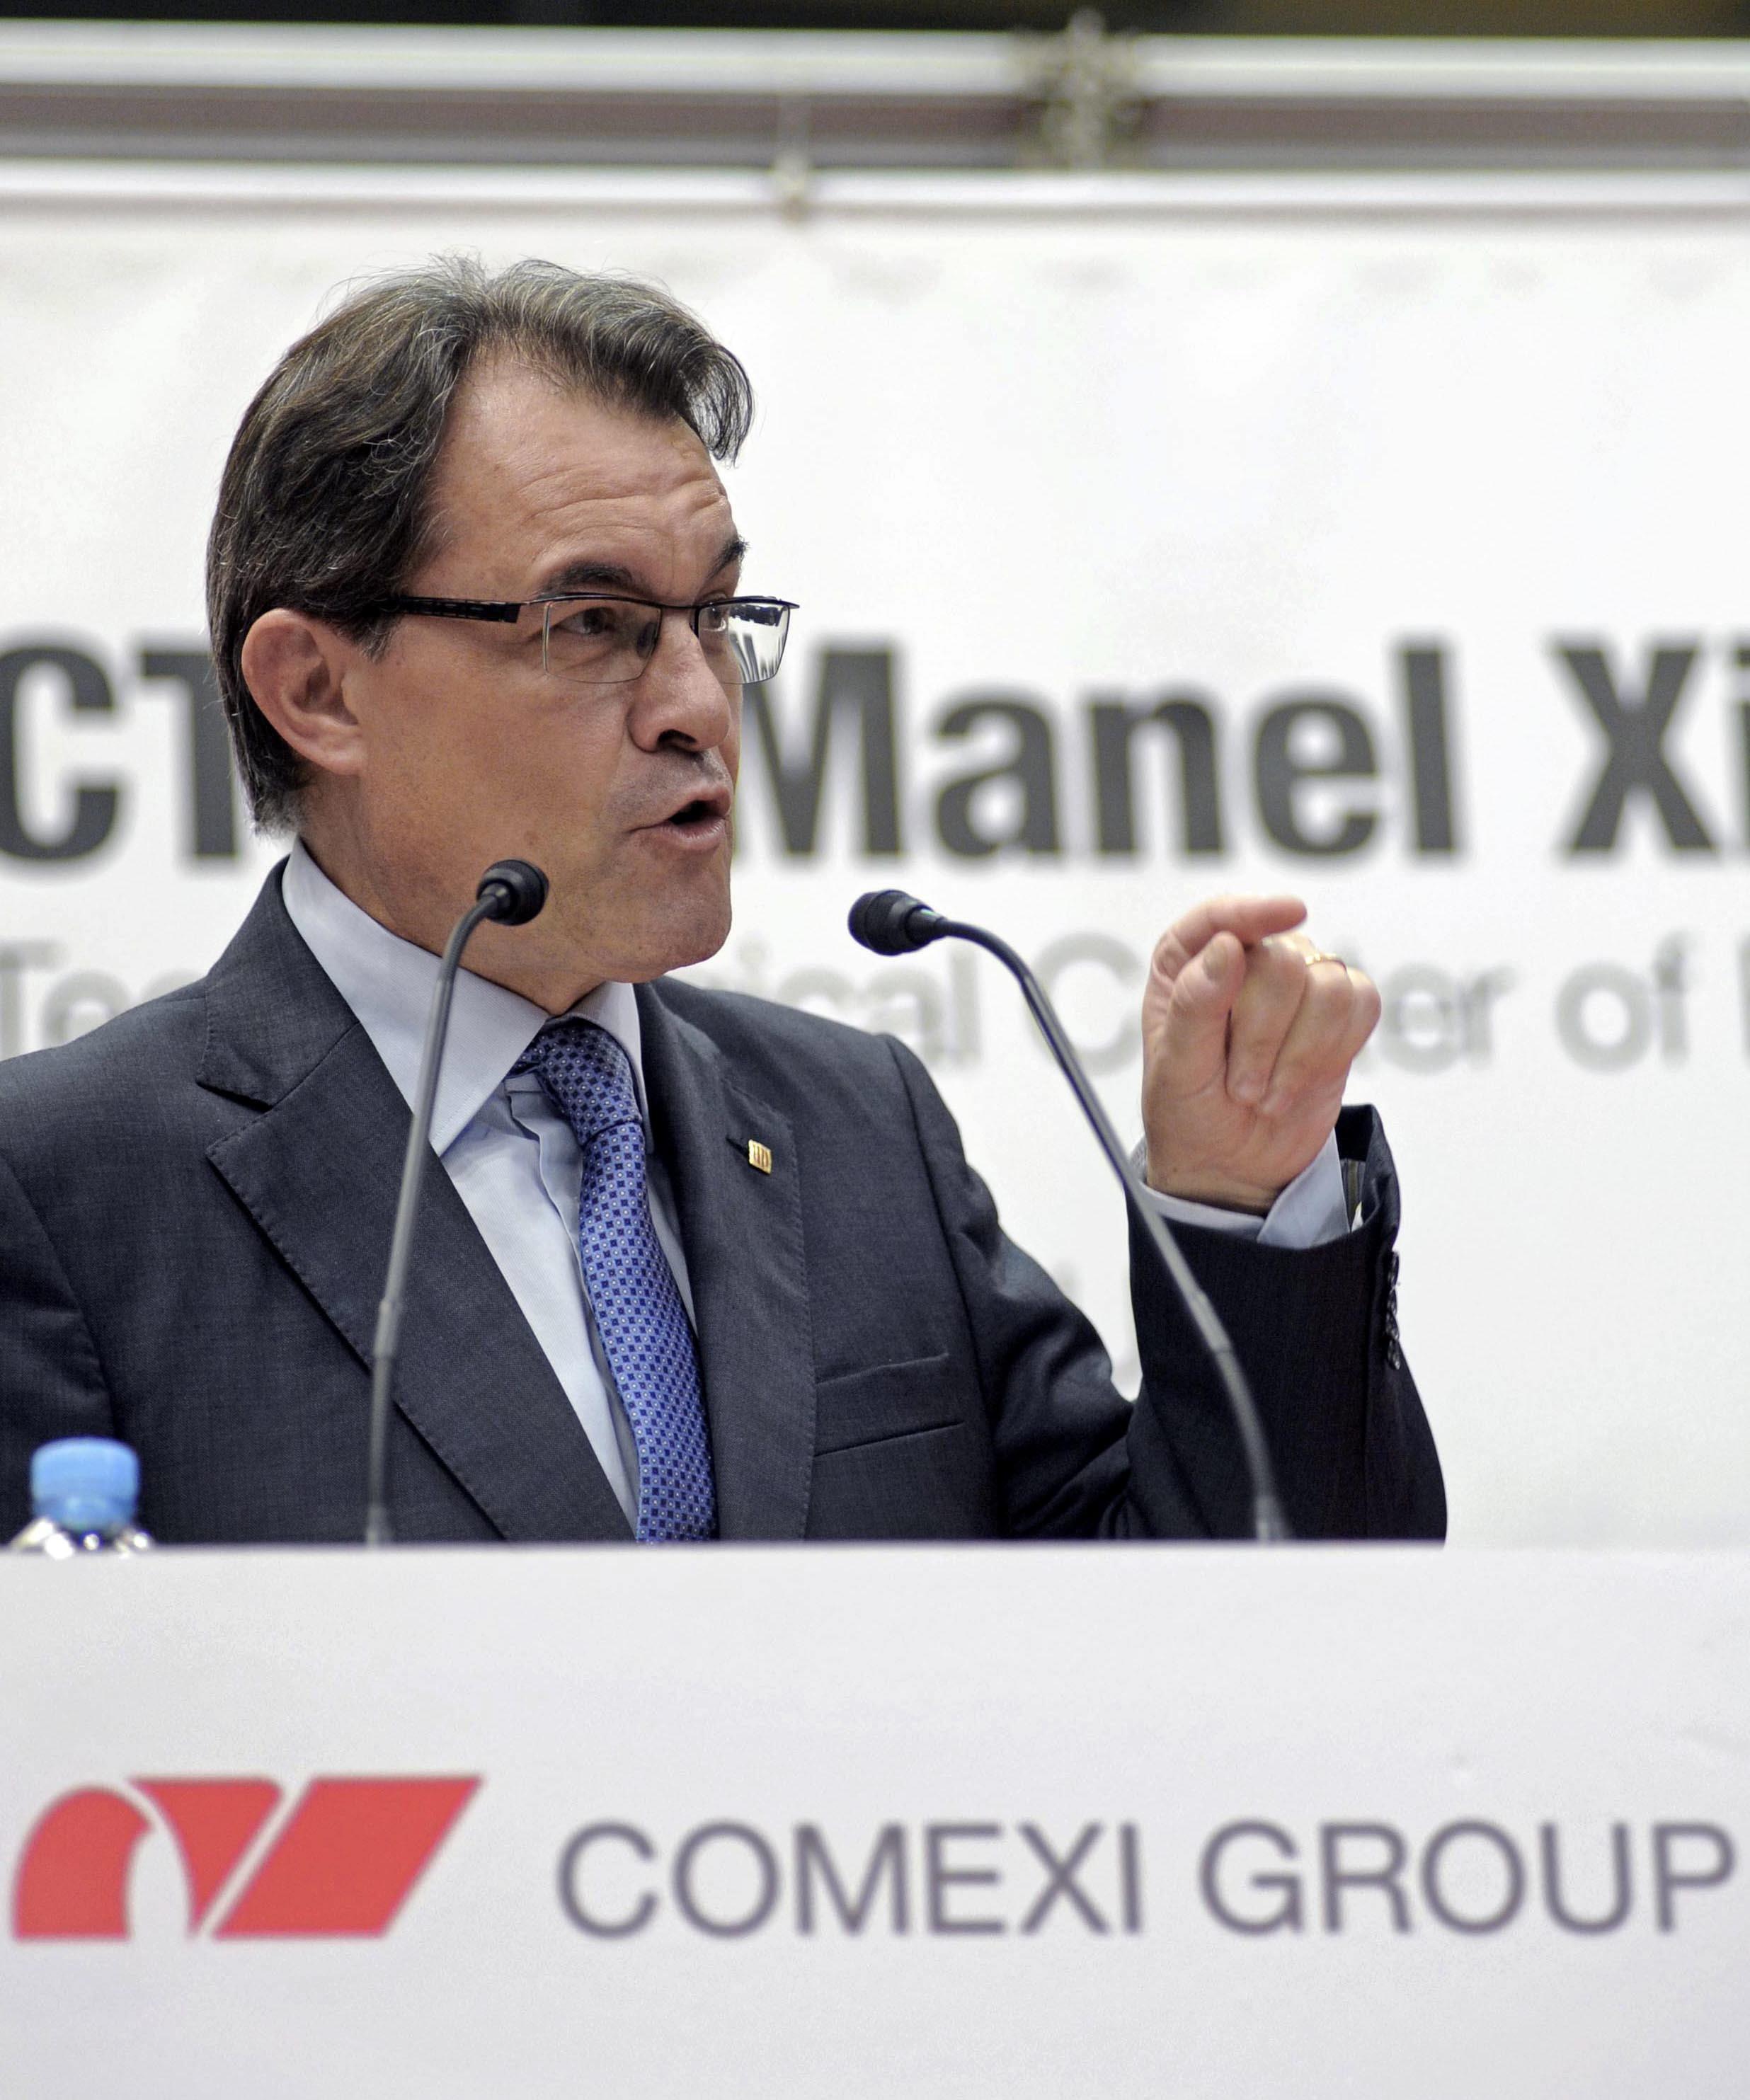 S. Camacho insta al Govern a acatar el déficit y presentar los presupuestos